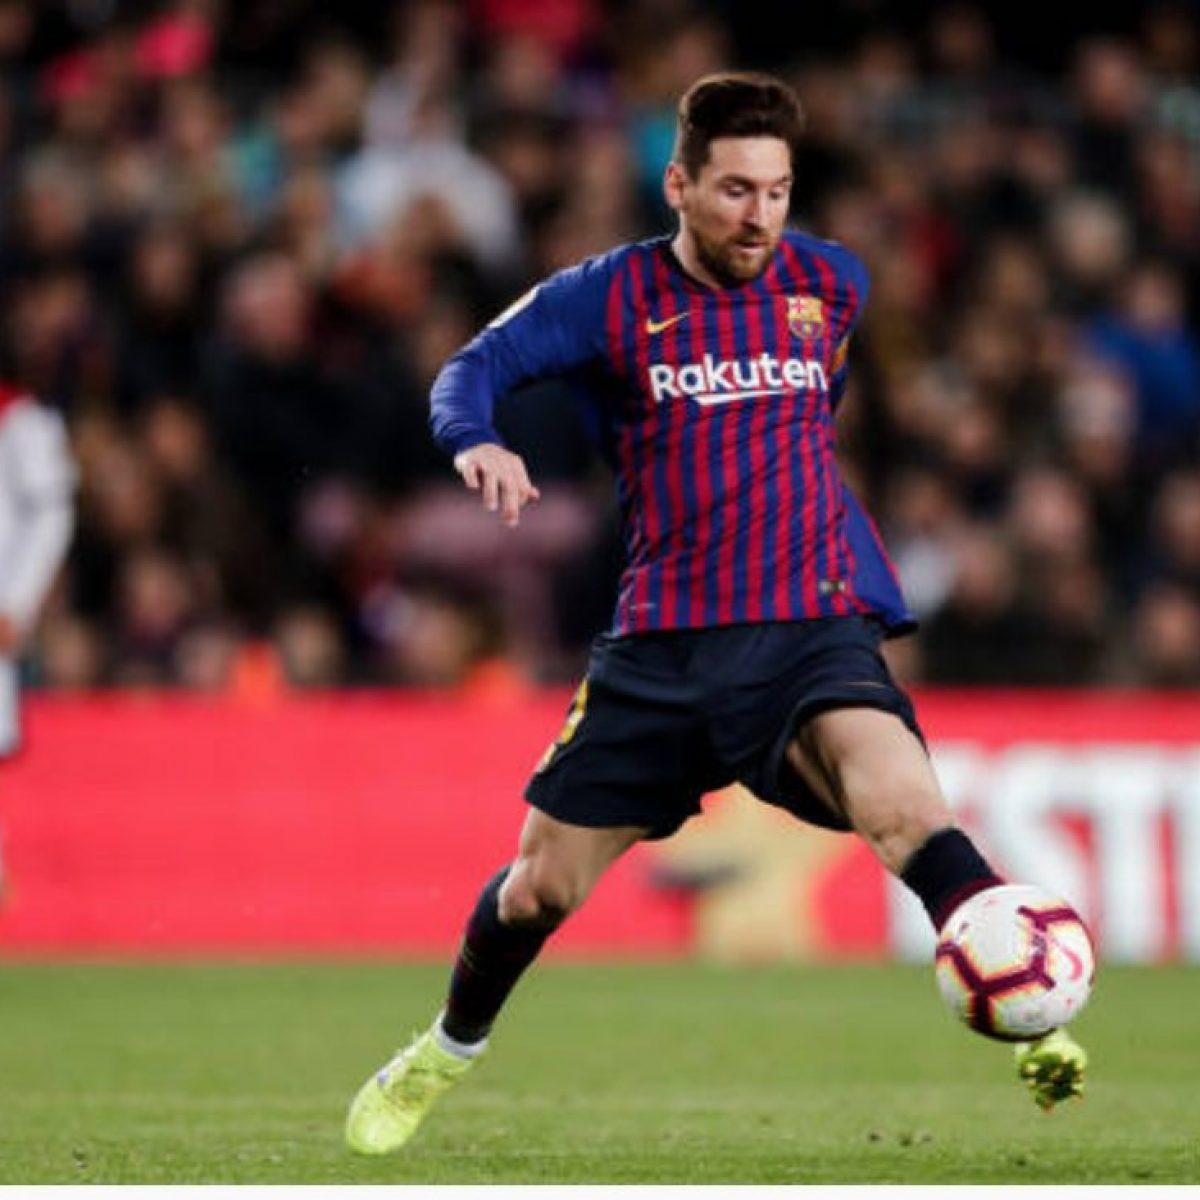 192e9b79b Leo Messi è il calciatore con più gol e più assist nei 5 principali  campionati europei